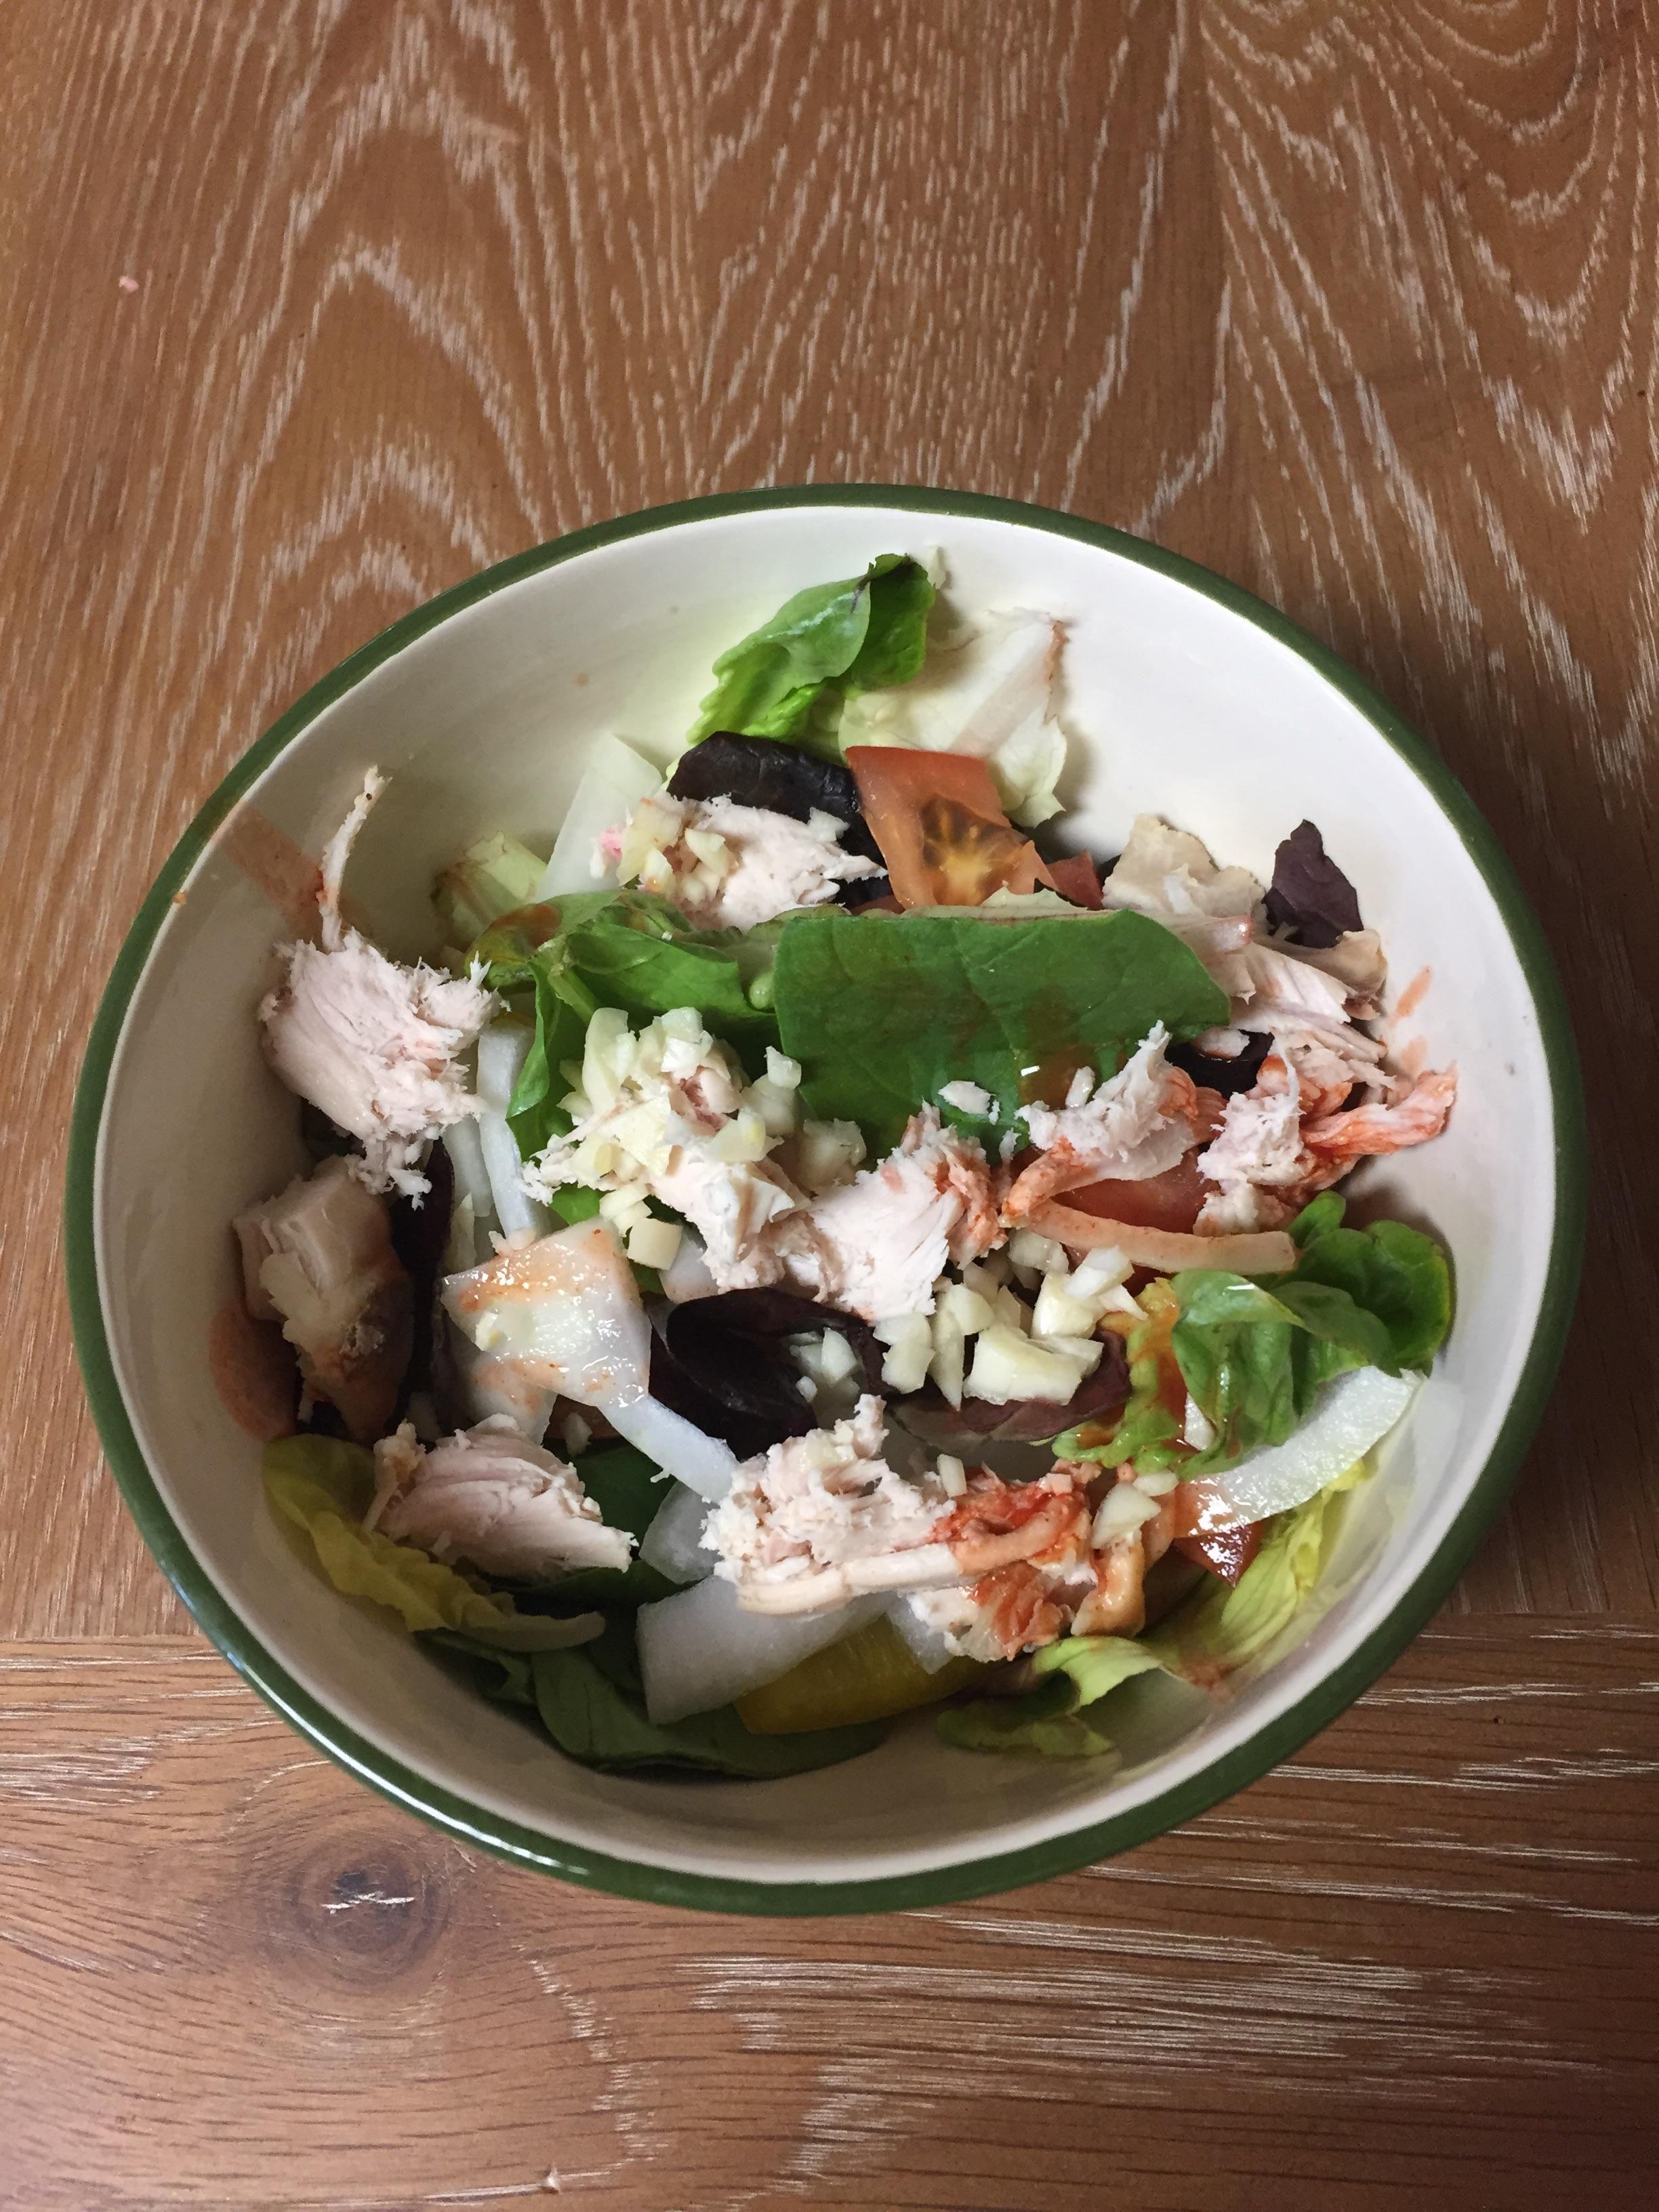 [homemade] Hot Garlic Chicken Salad. http://ift.tt/2kQCCXL